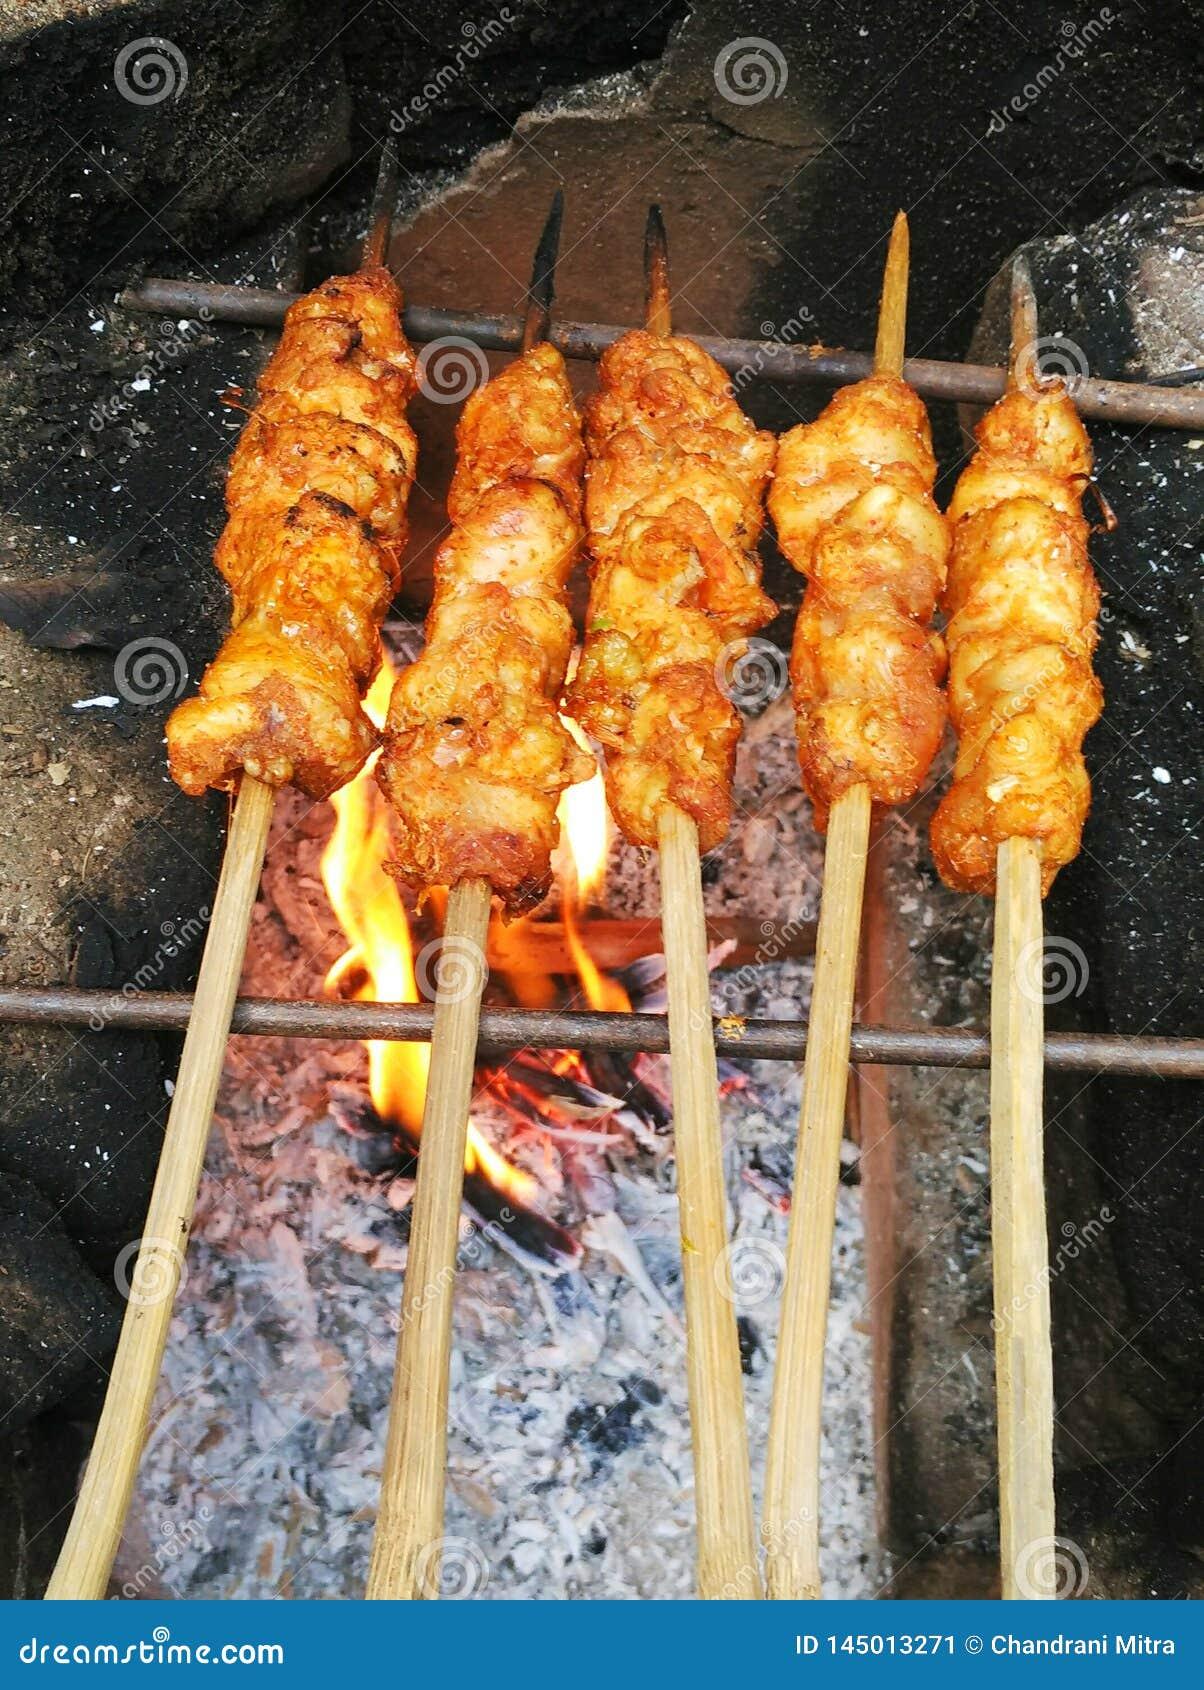 Barbecued kurczak